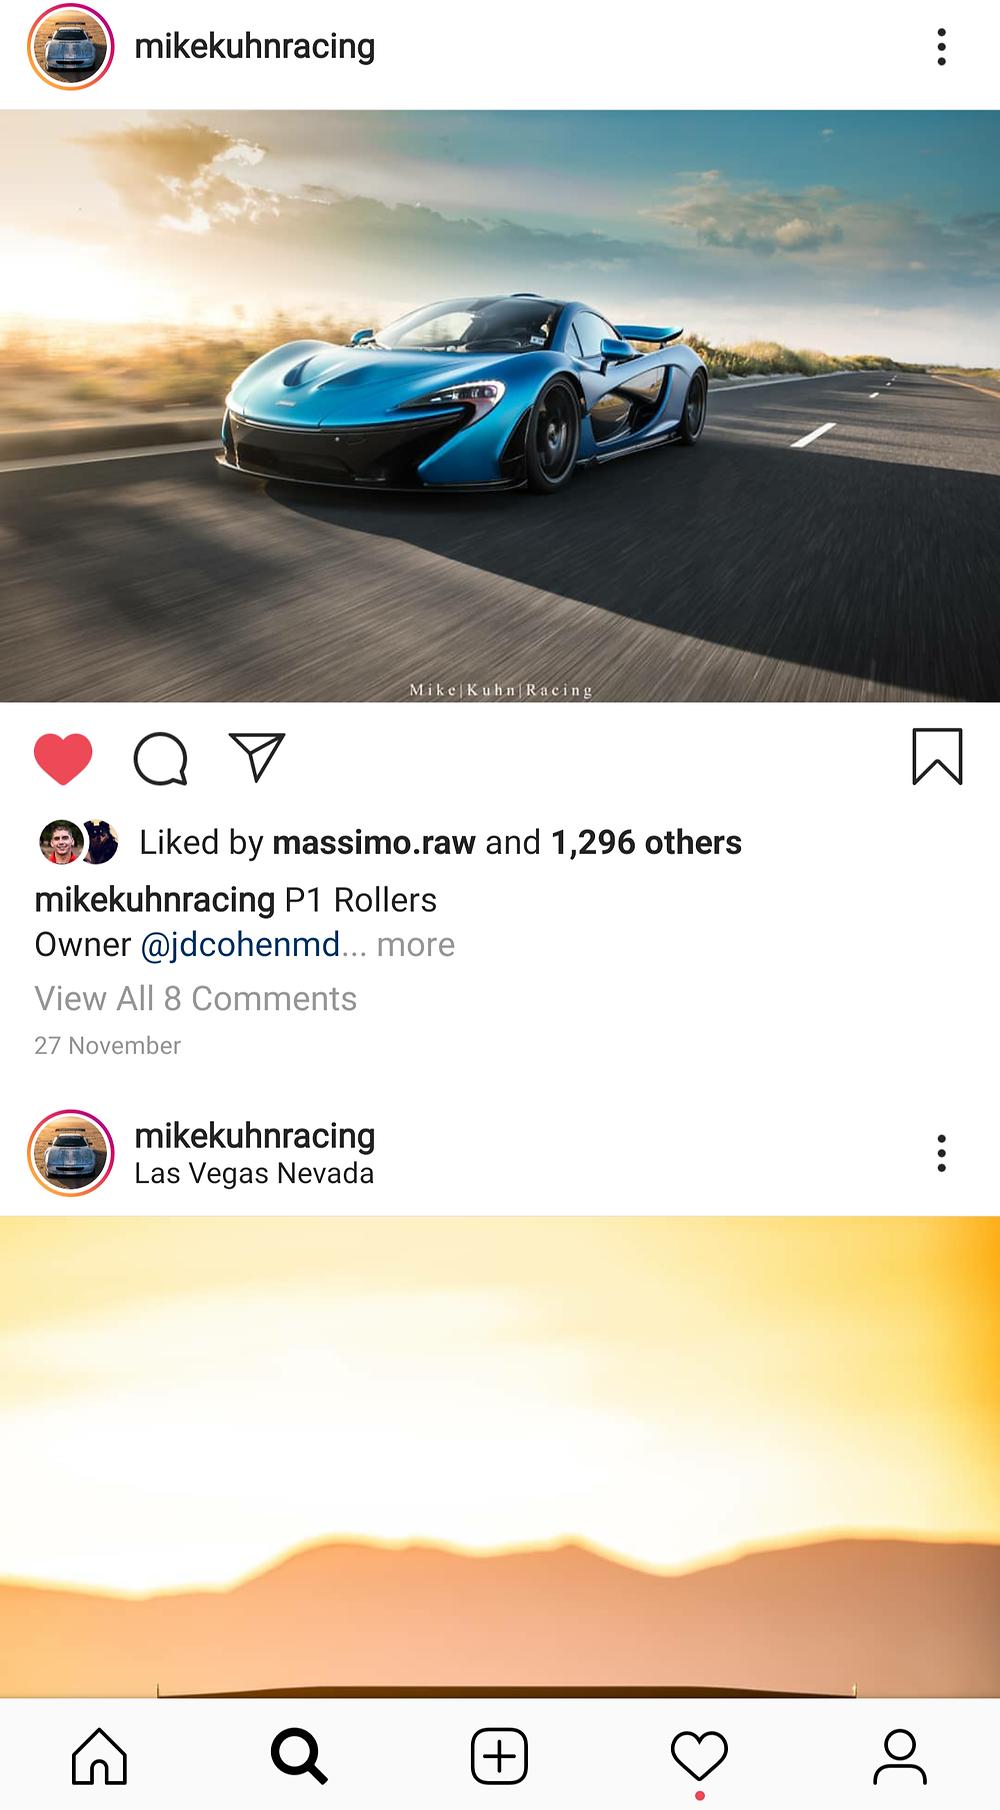 Mike Kuhn Racing Instagram Feed